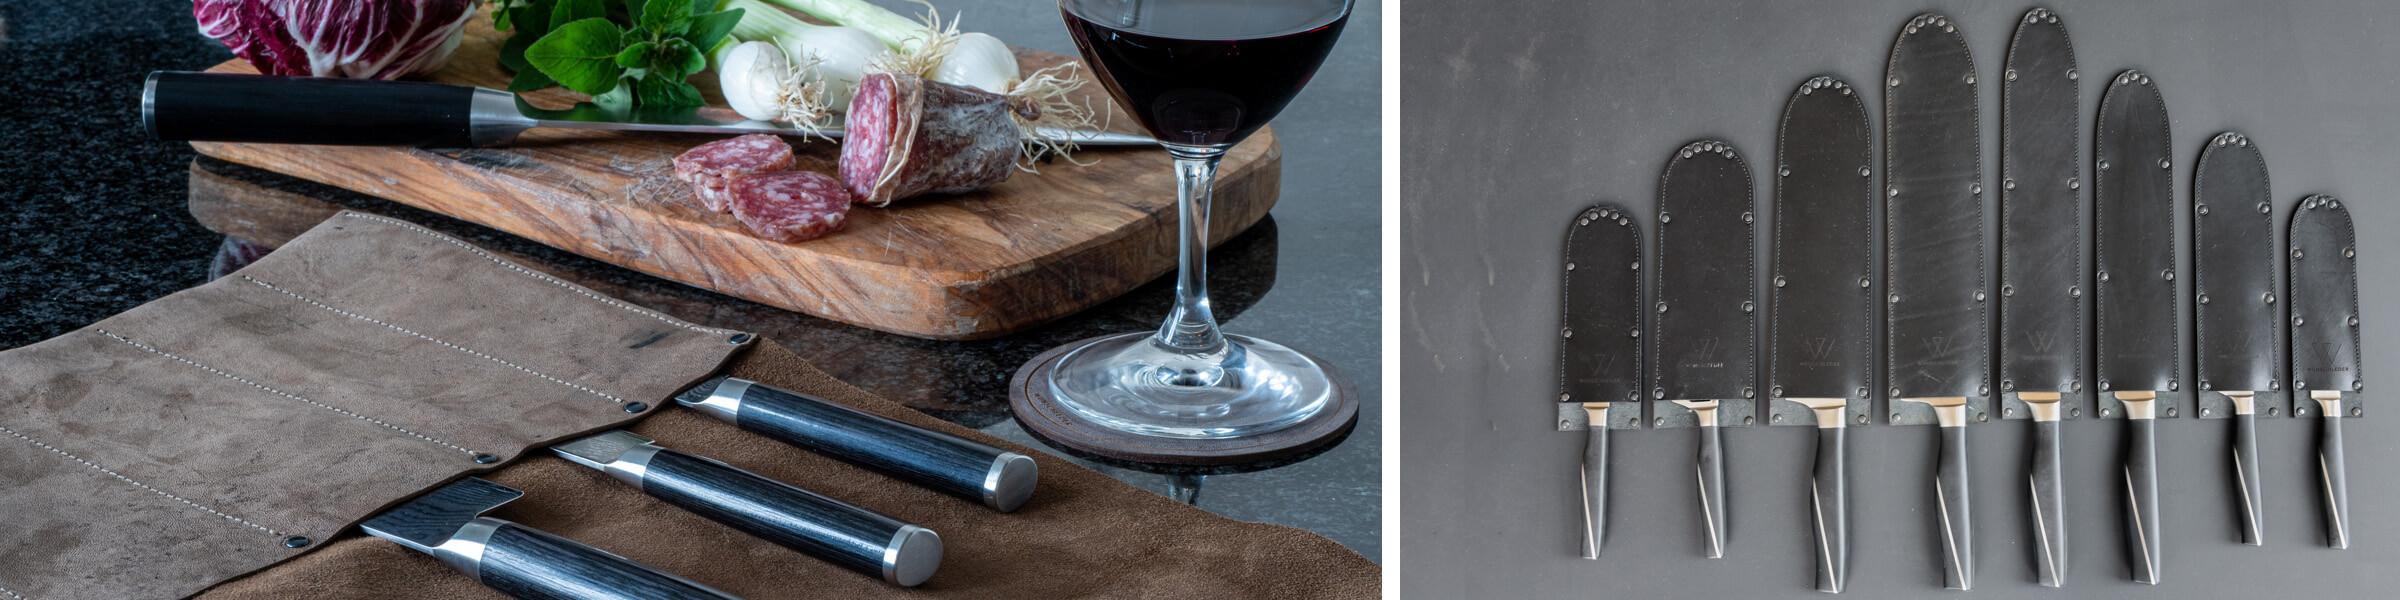 Küchen- & Wohnaccessoires aus Leder | w-werk. GmbH